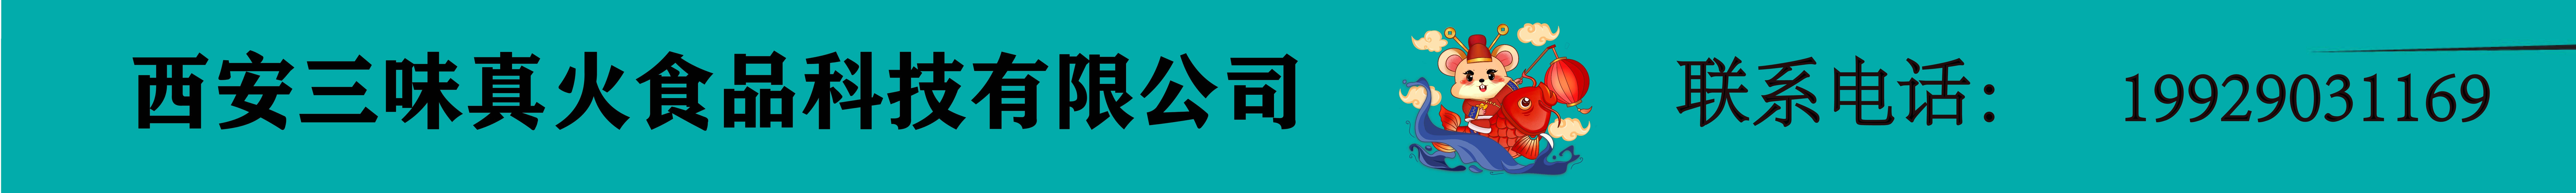 西安三味真火食品科技有限公司